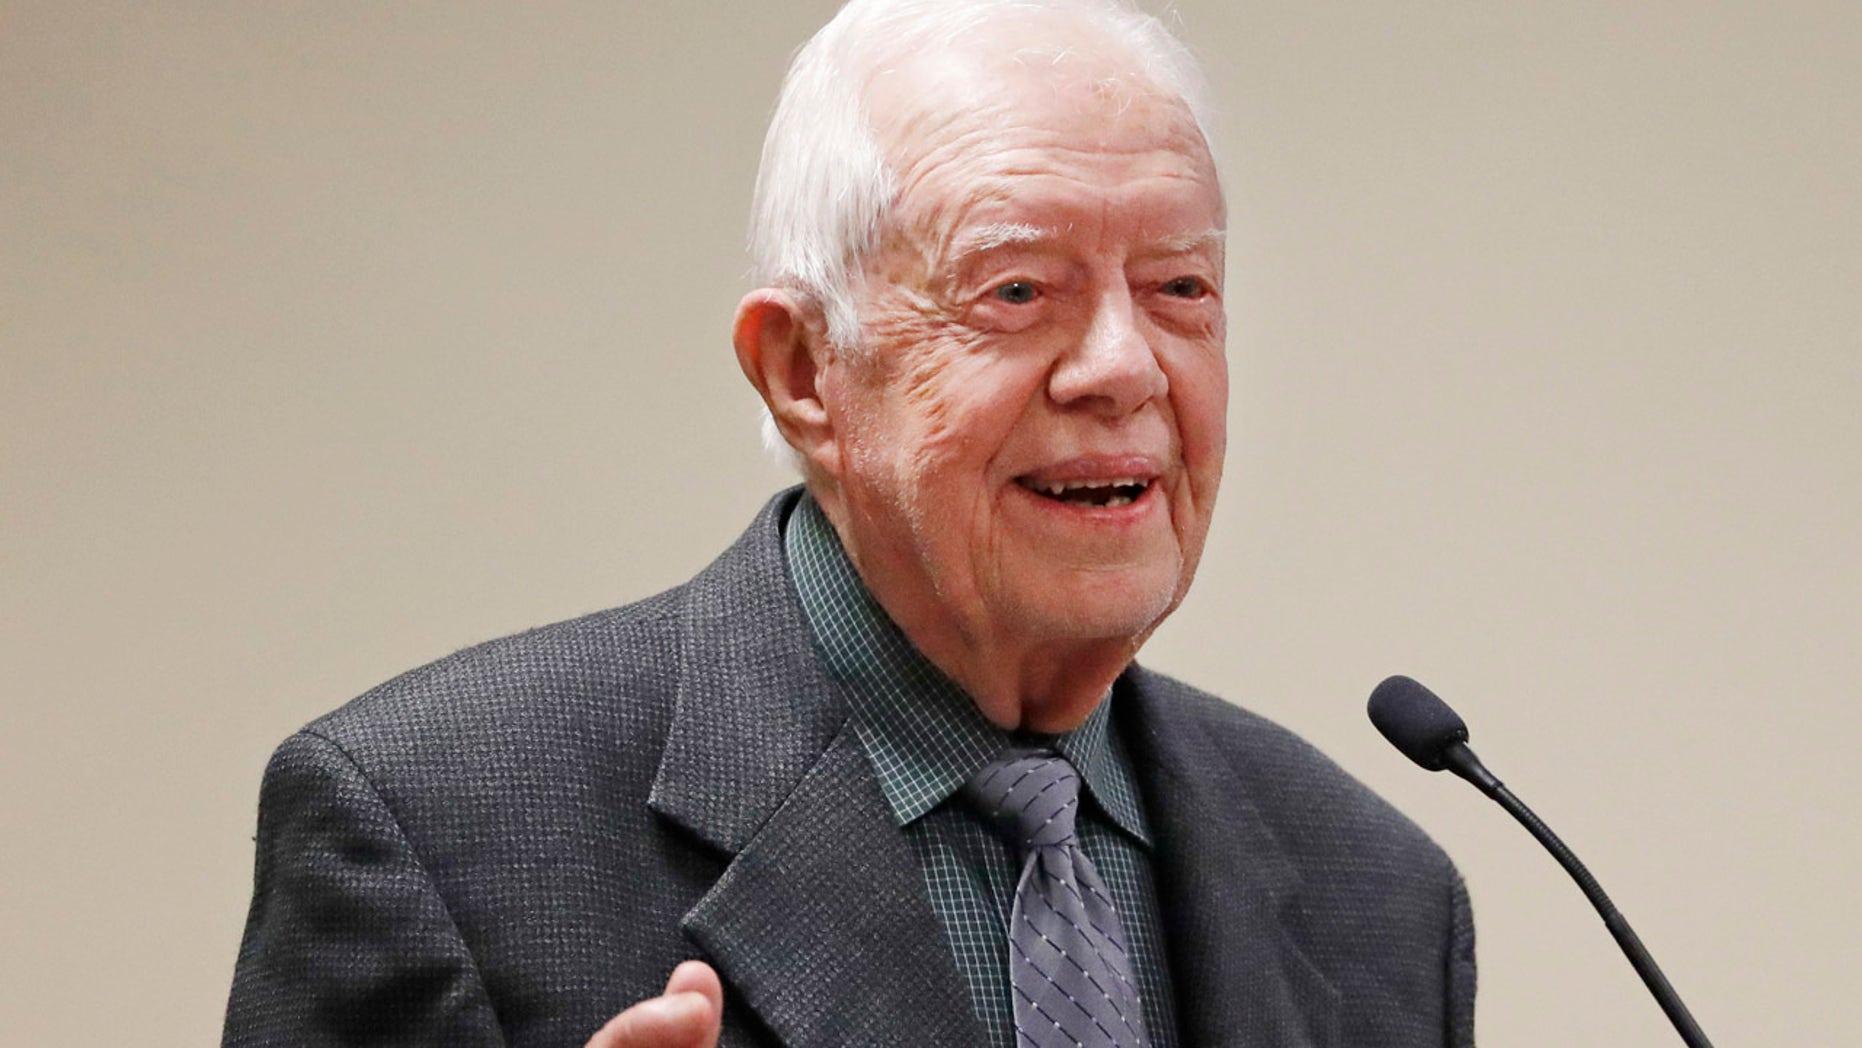 Former President Jimmy Carter speaks at a Baptist conference in Atlanta, Sept. 12, 2017.